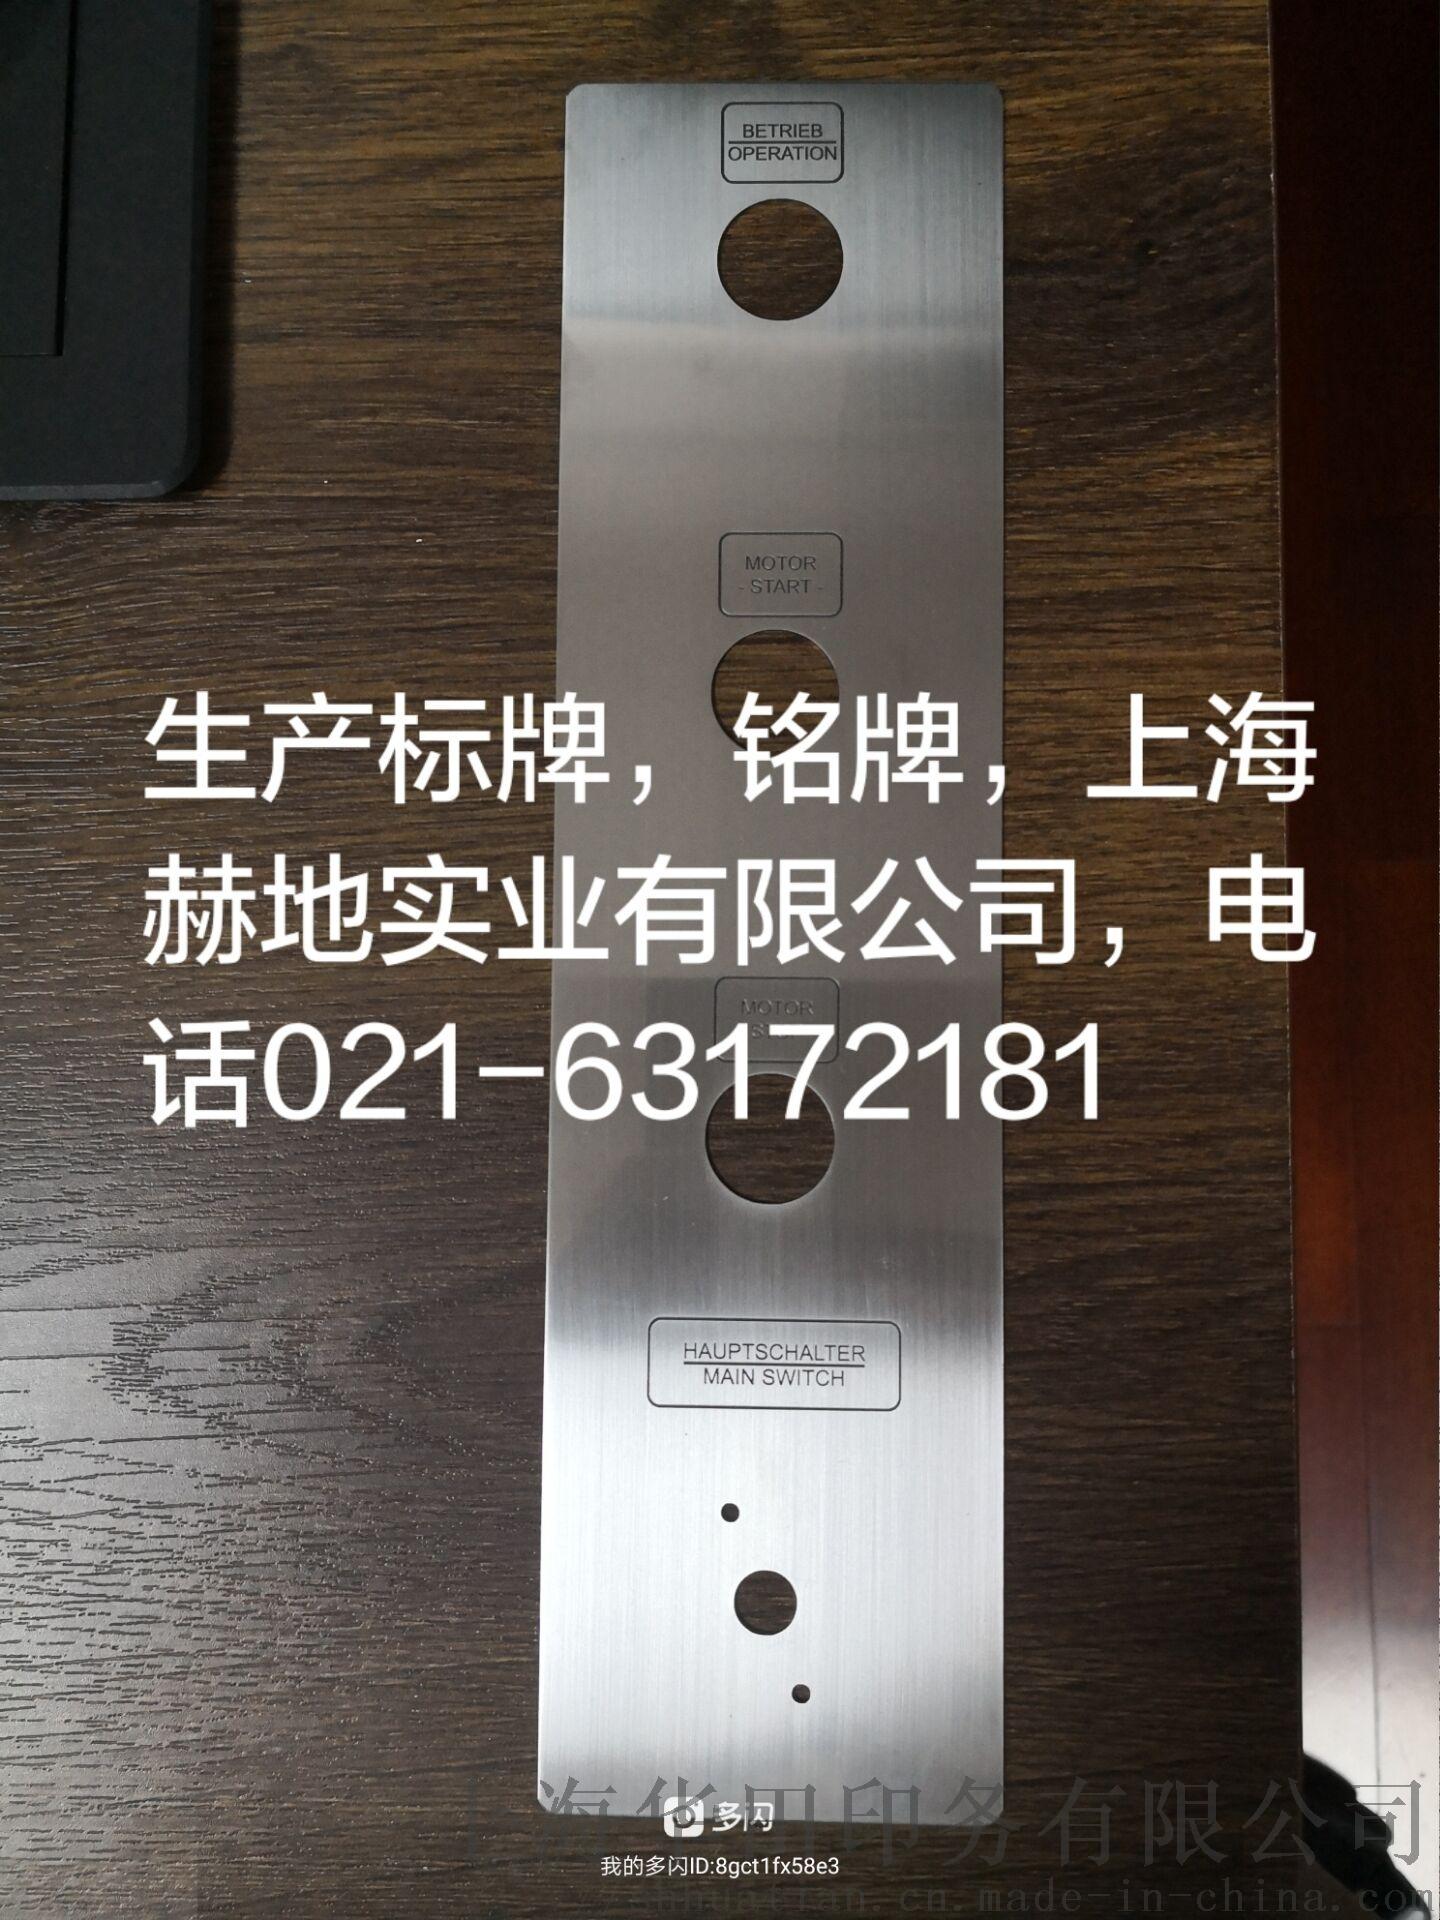 条码铭牌 标牌 序列号标牌819498382